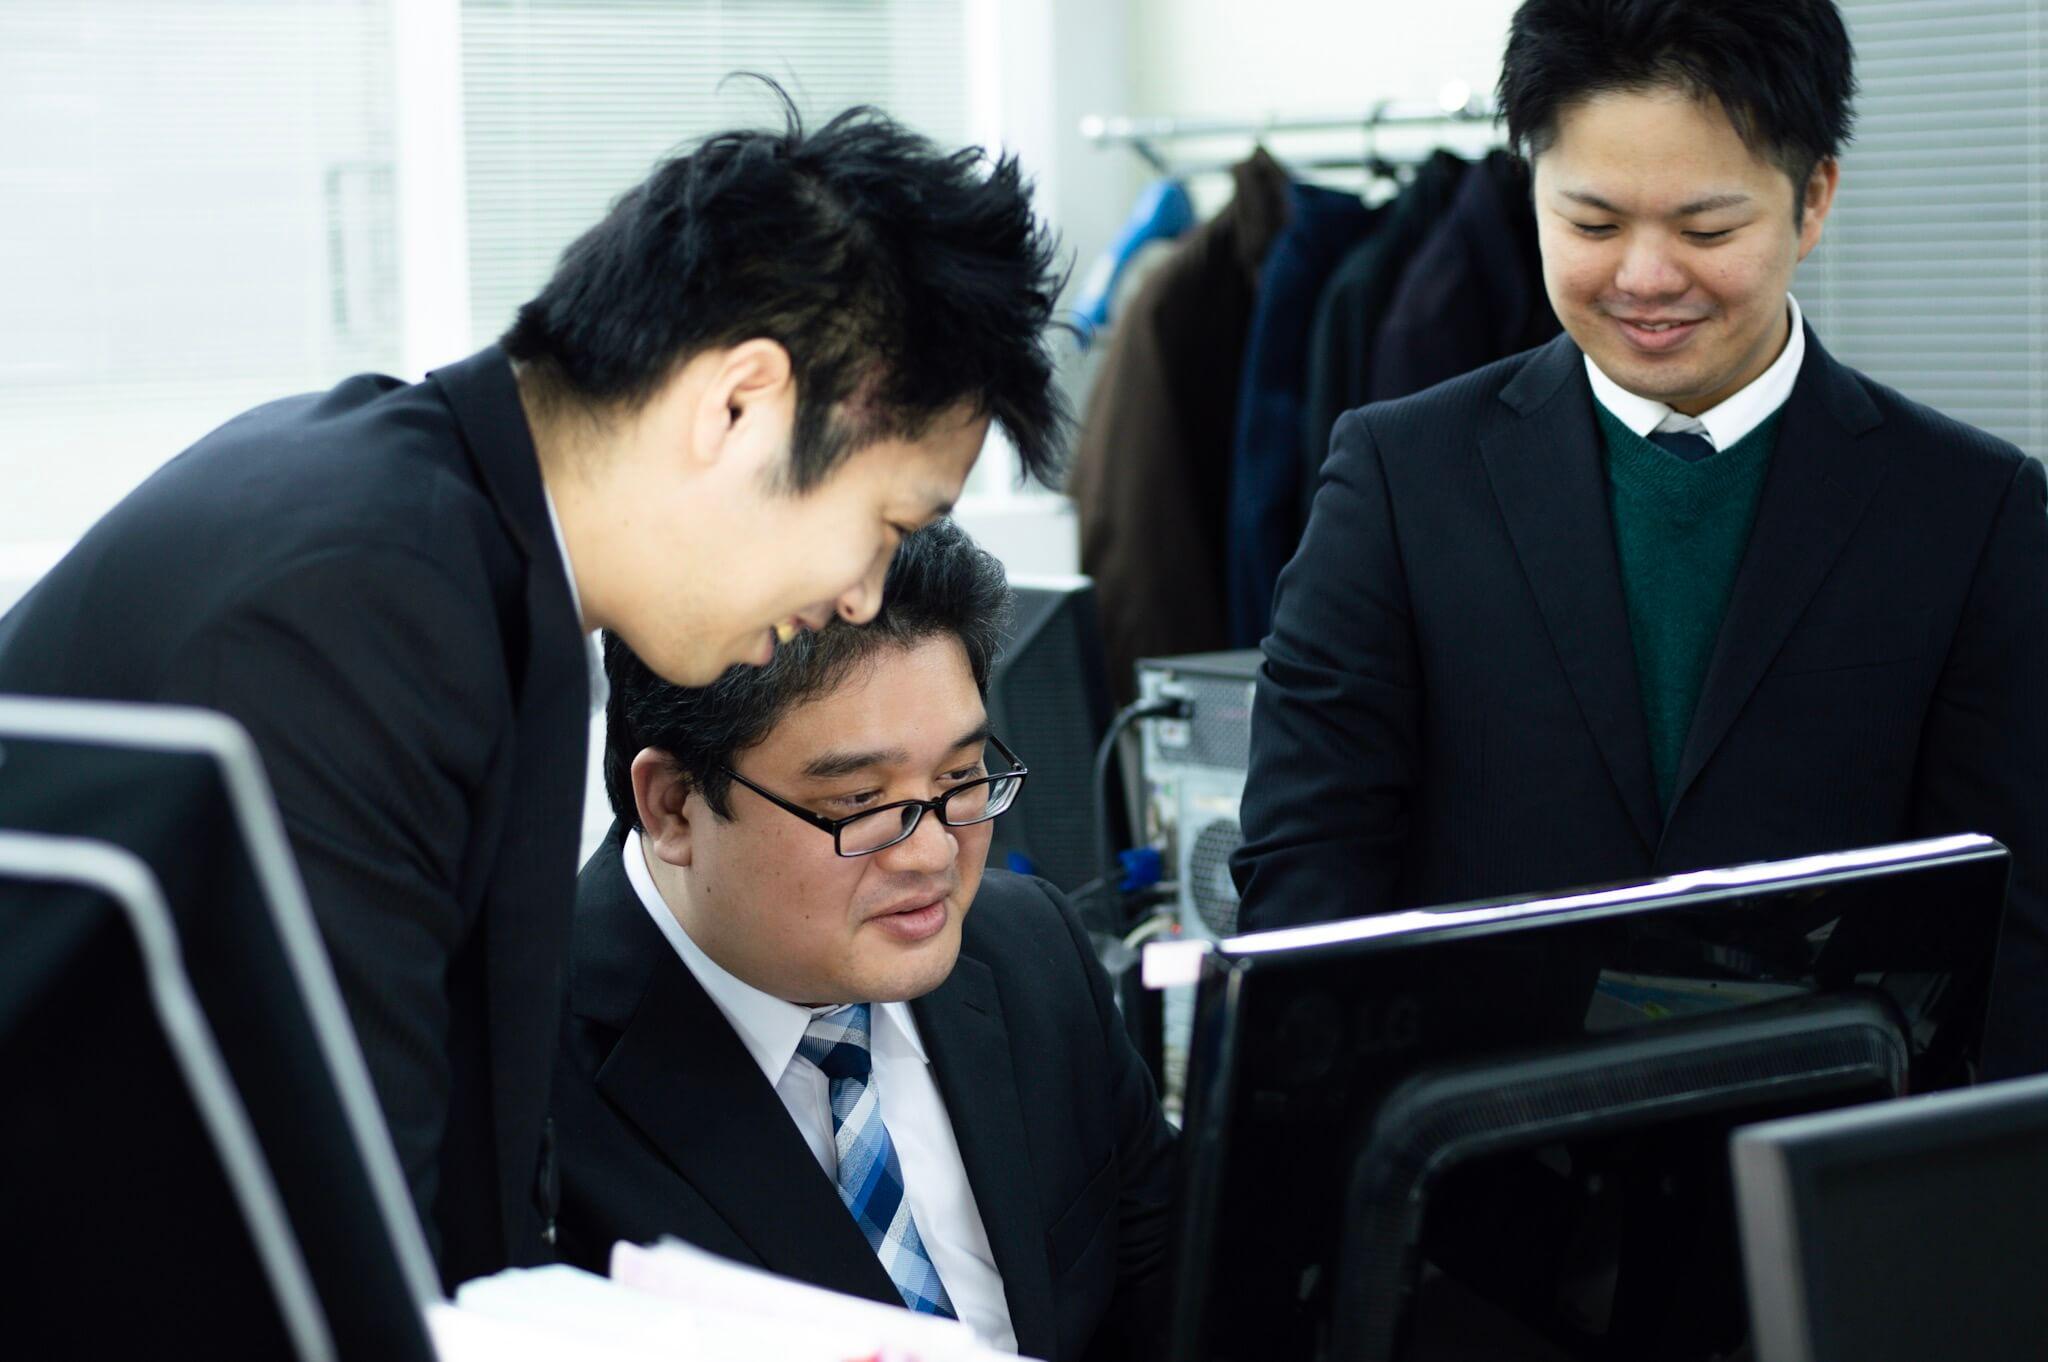 顧客と社員の満足度最大化